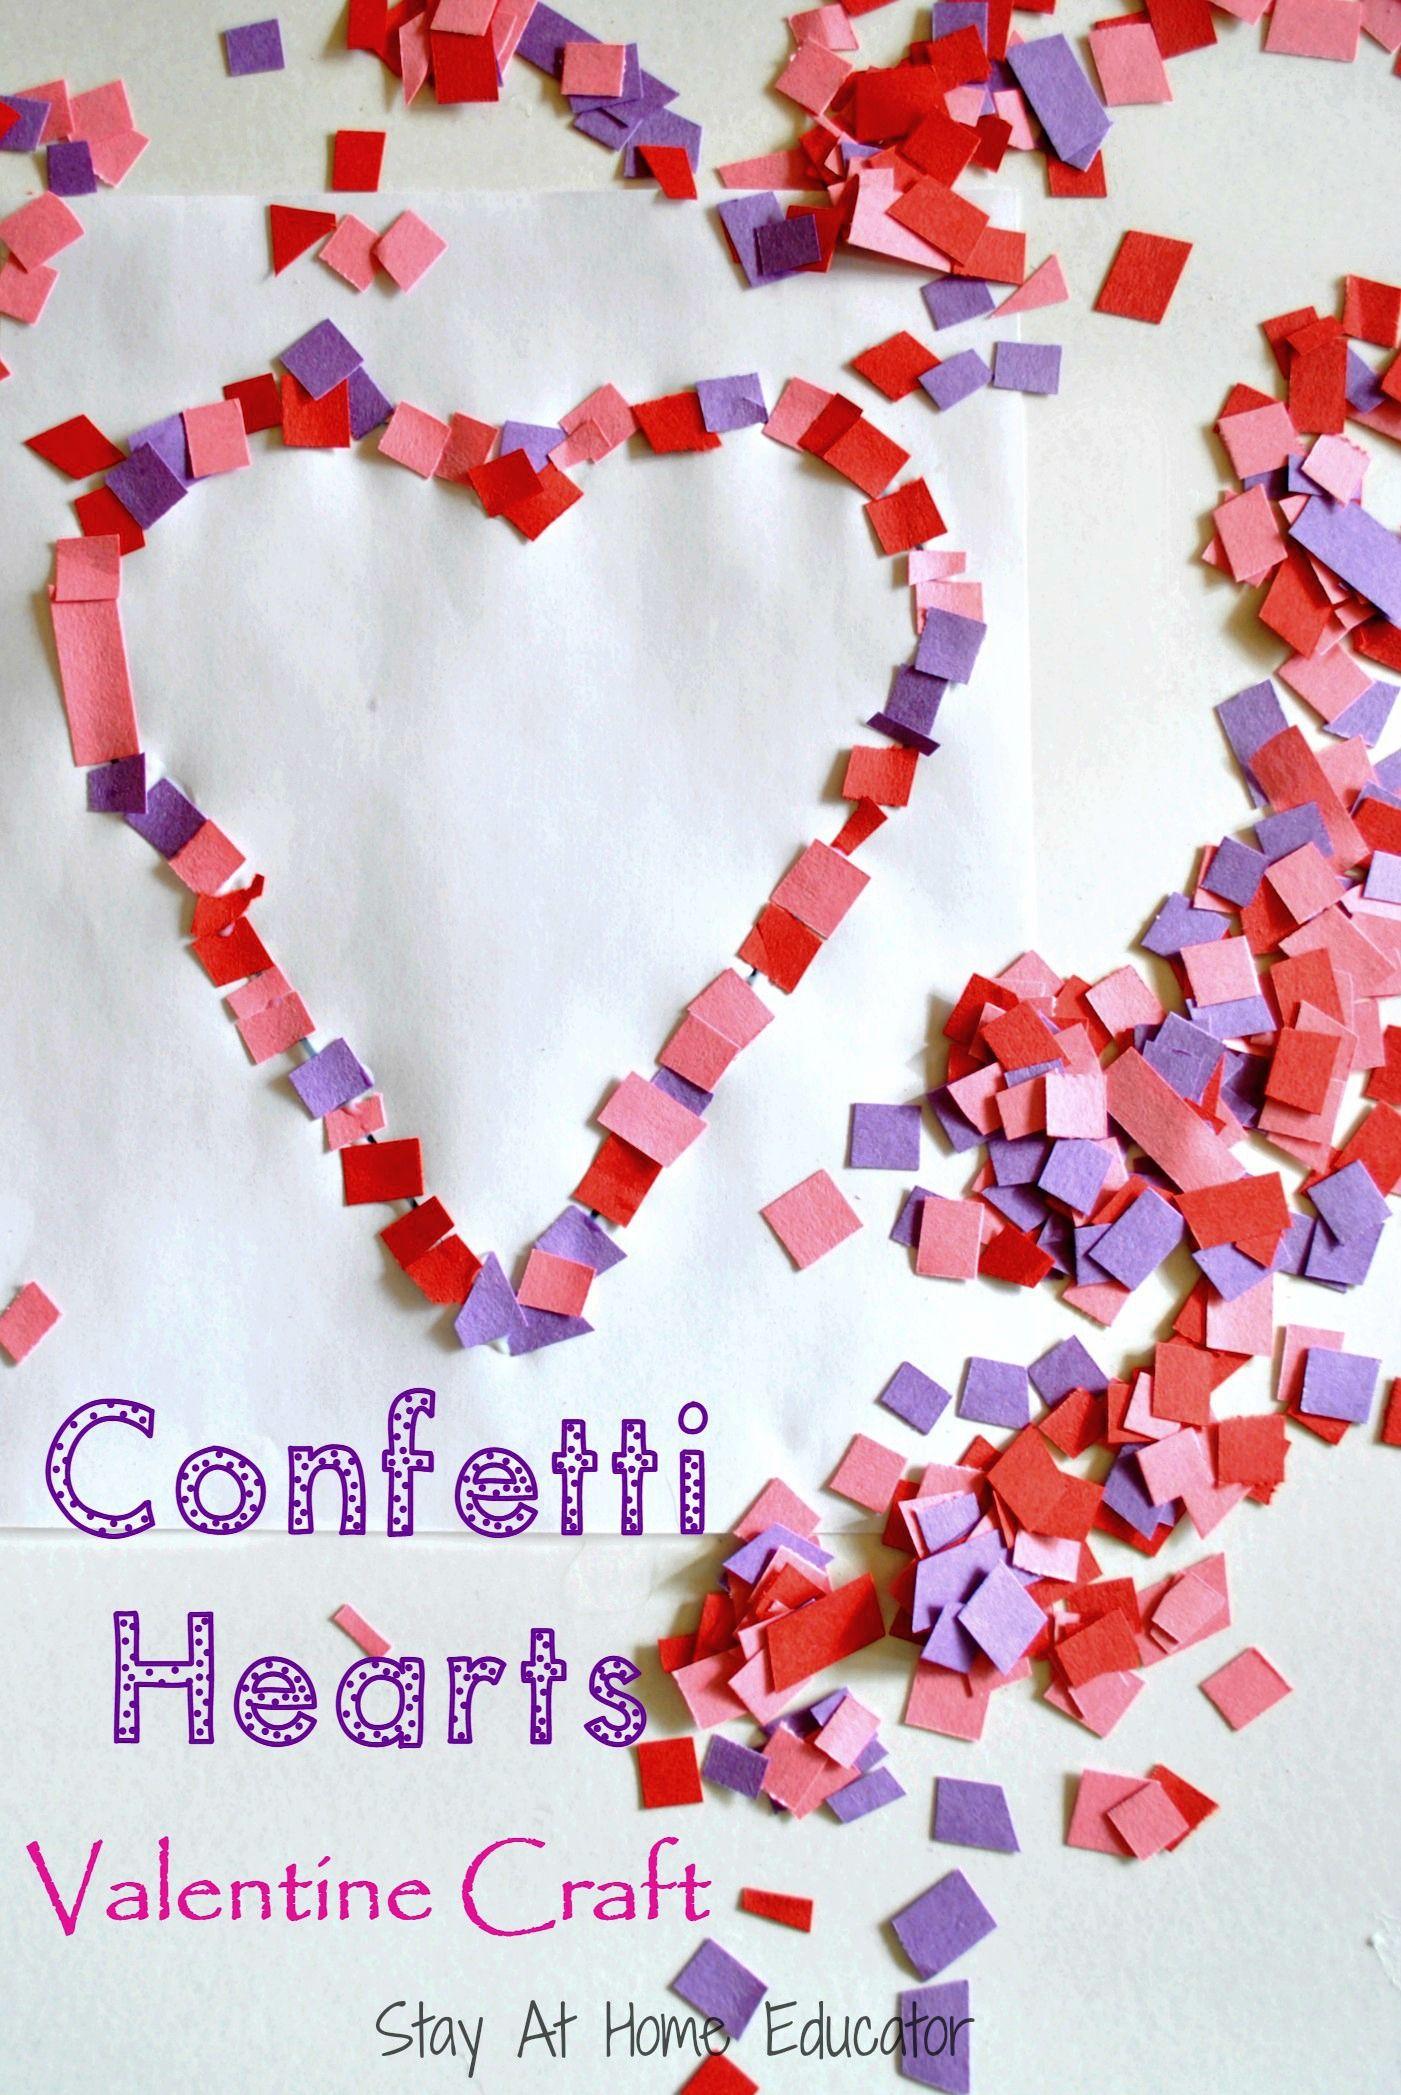 Confetti Hearts Valentine Craft